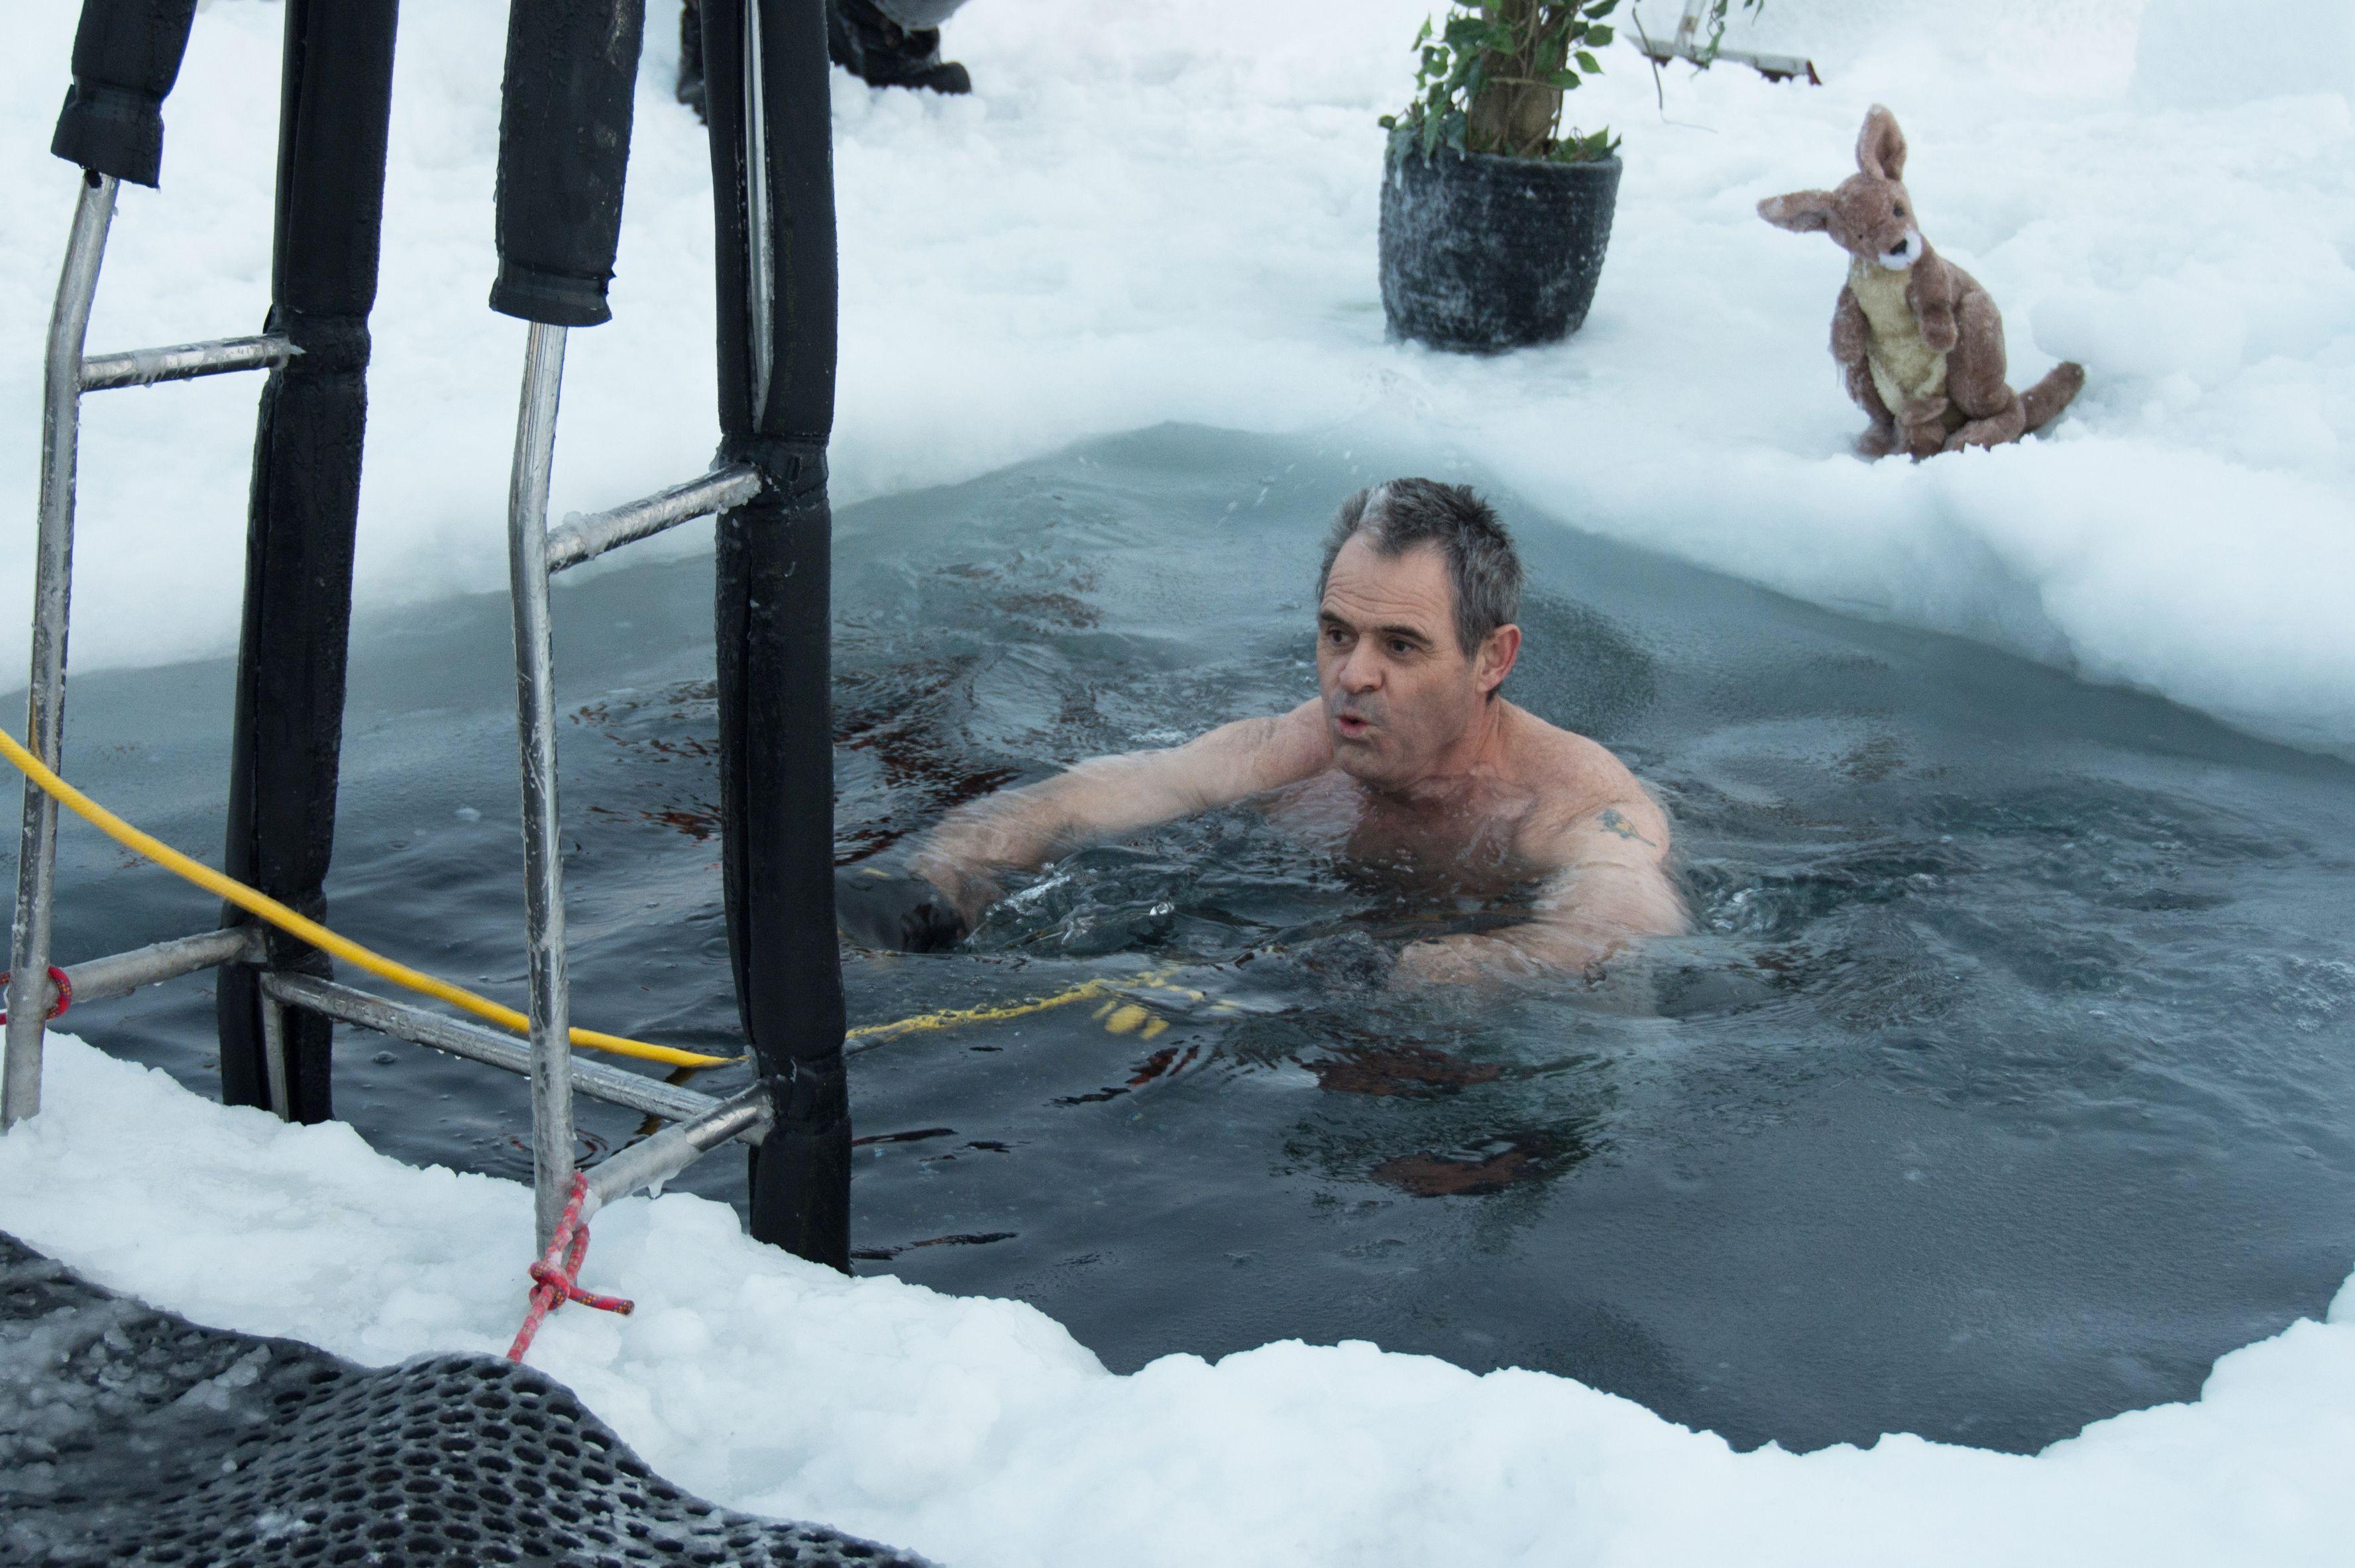 رجل يسبح فى المياه الجليدية